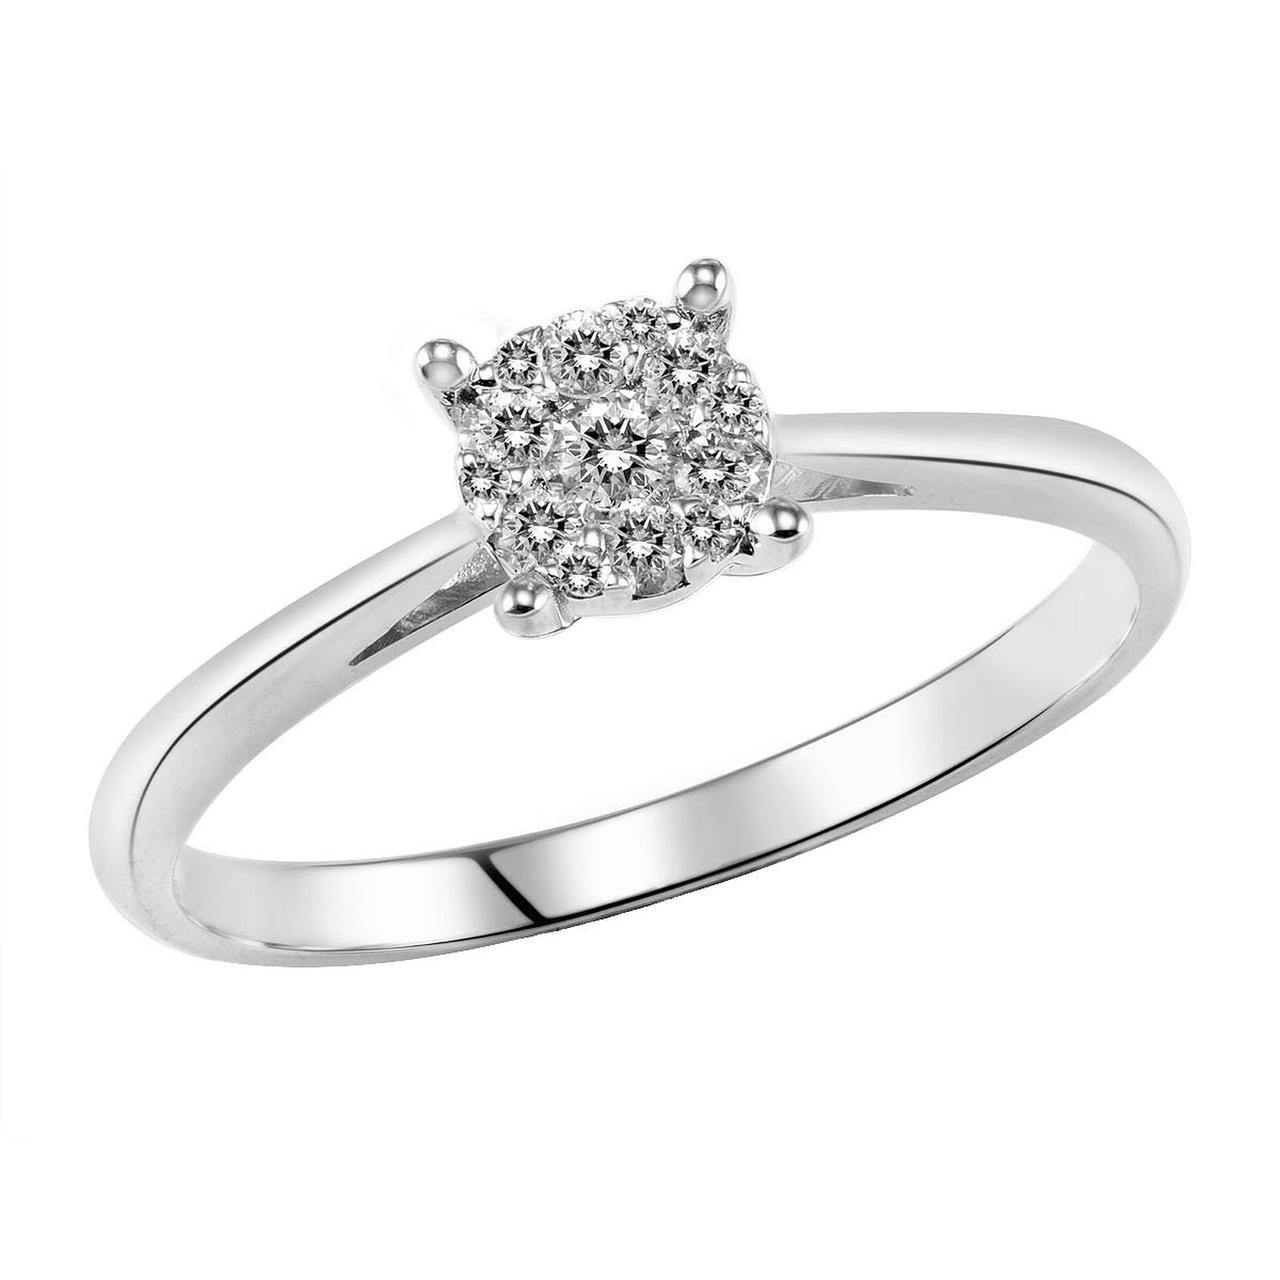 Золотое кольцо с бриллиантами, размер 16 (533136)